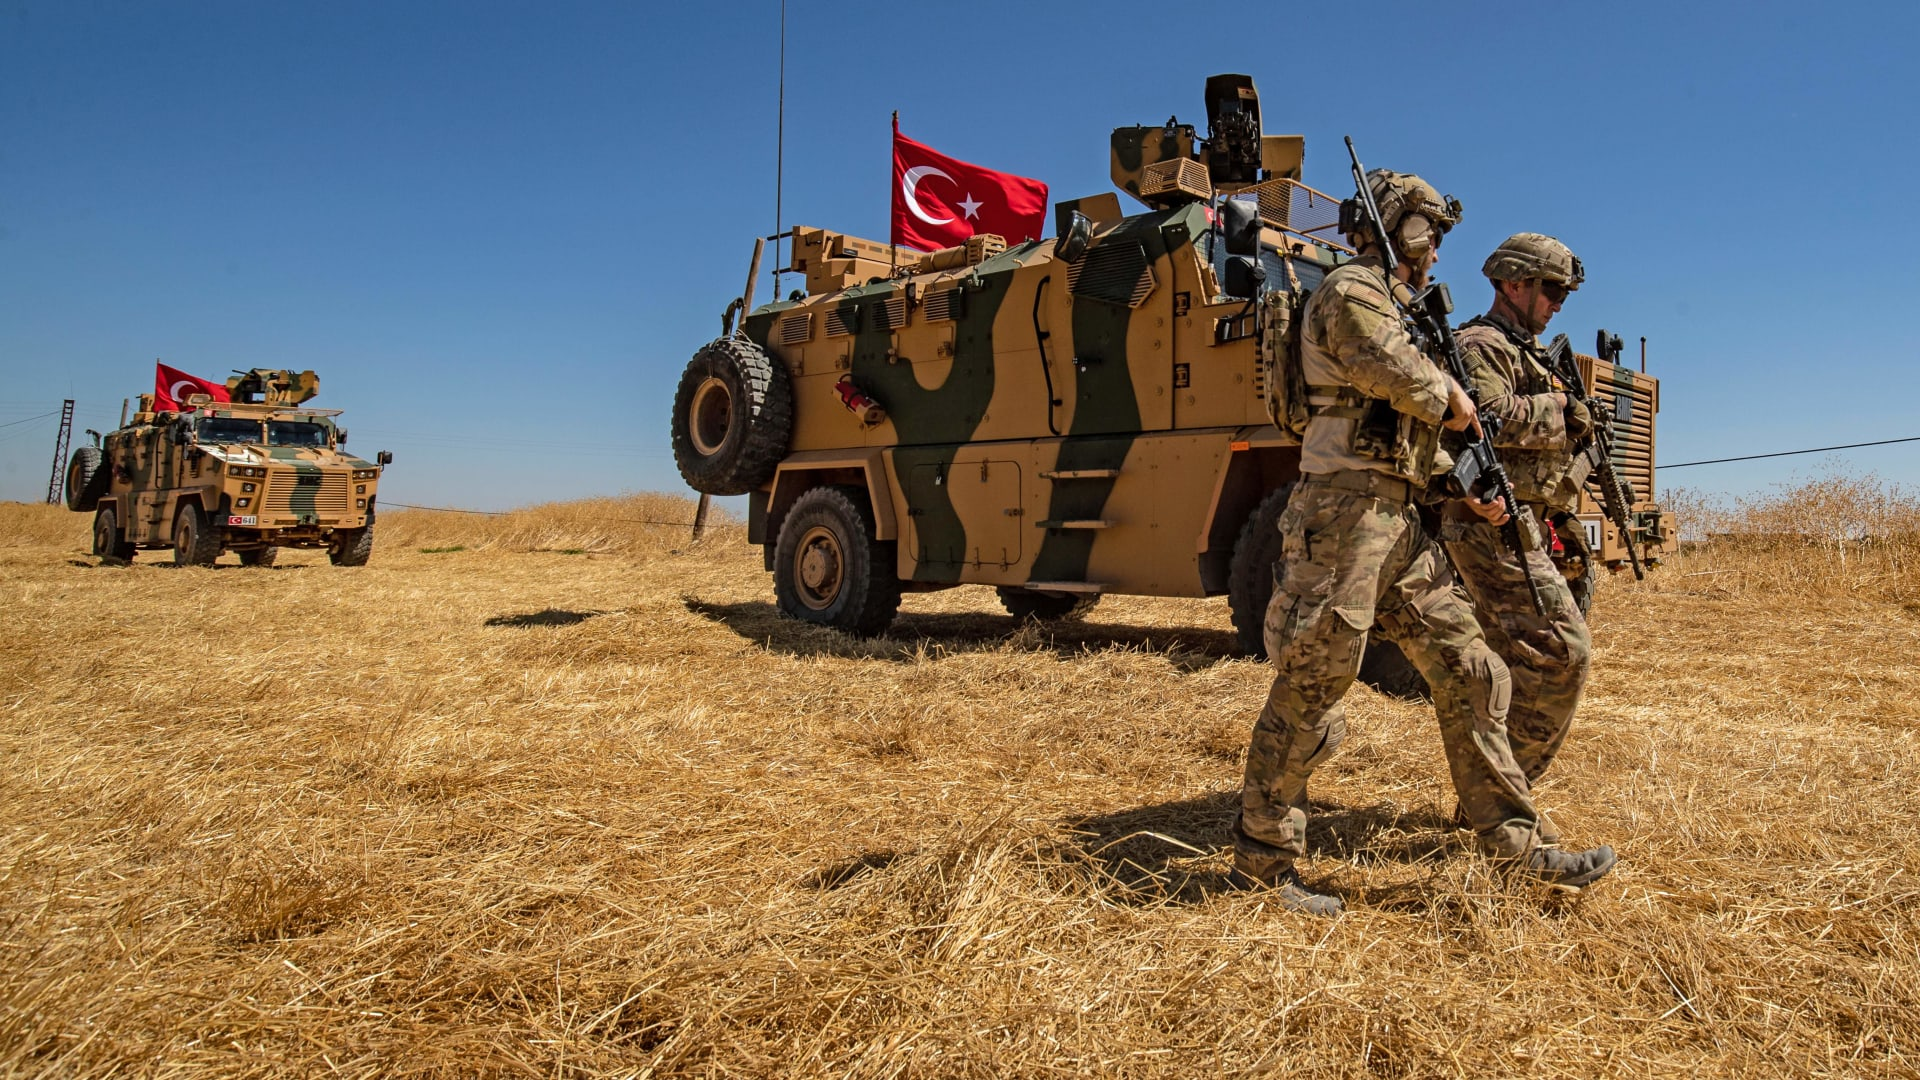 المتحدث باسم أردوغان: سنرد على أي هجوم في إدلب.. ونأمل في التوصل لاتفاق مع روسيا